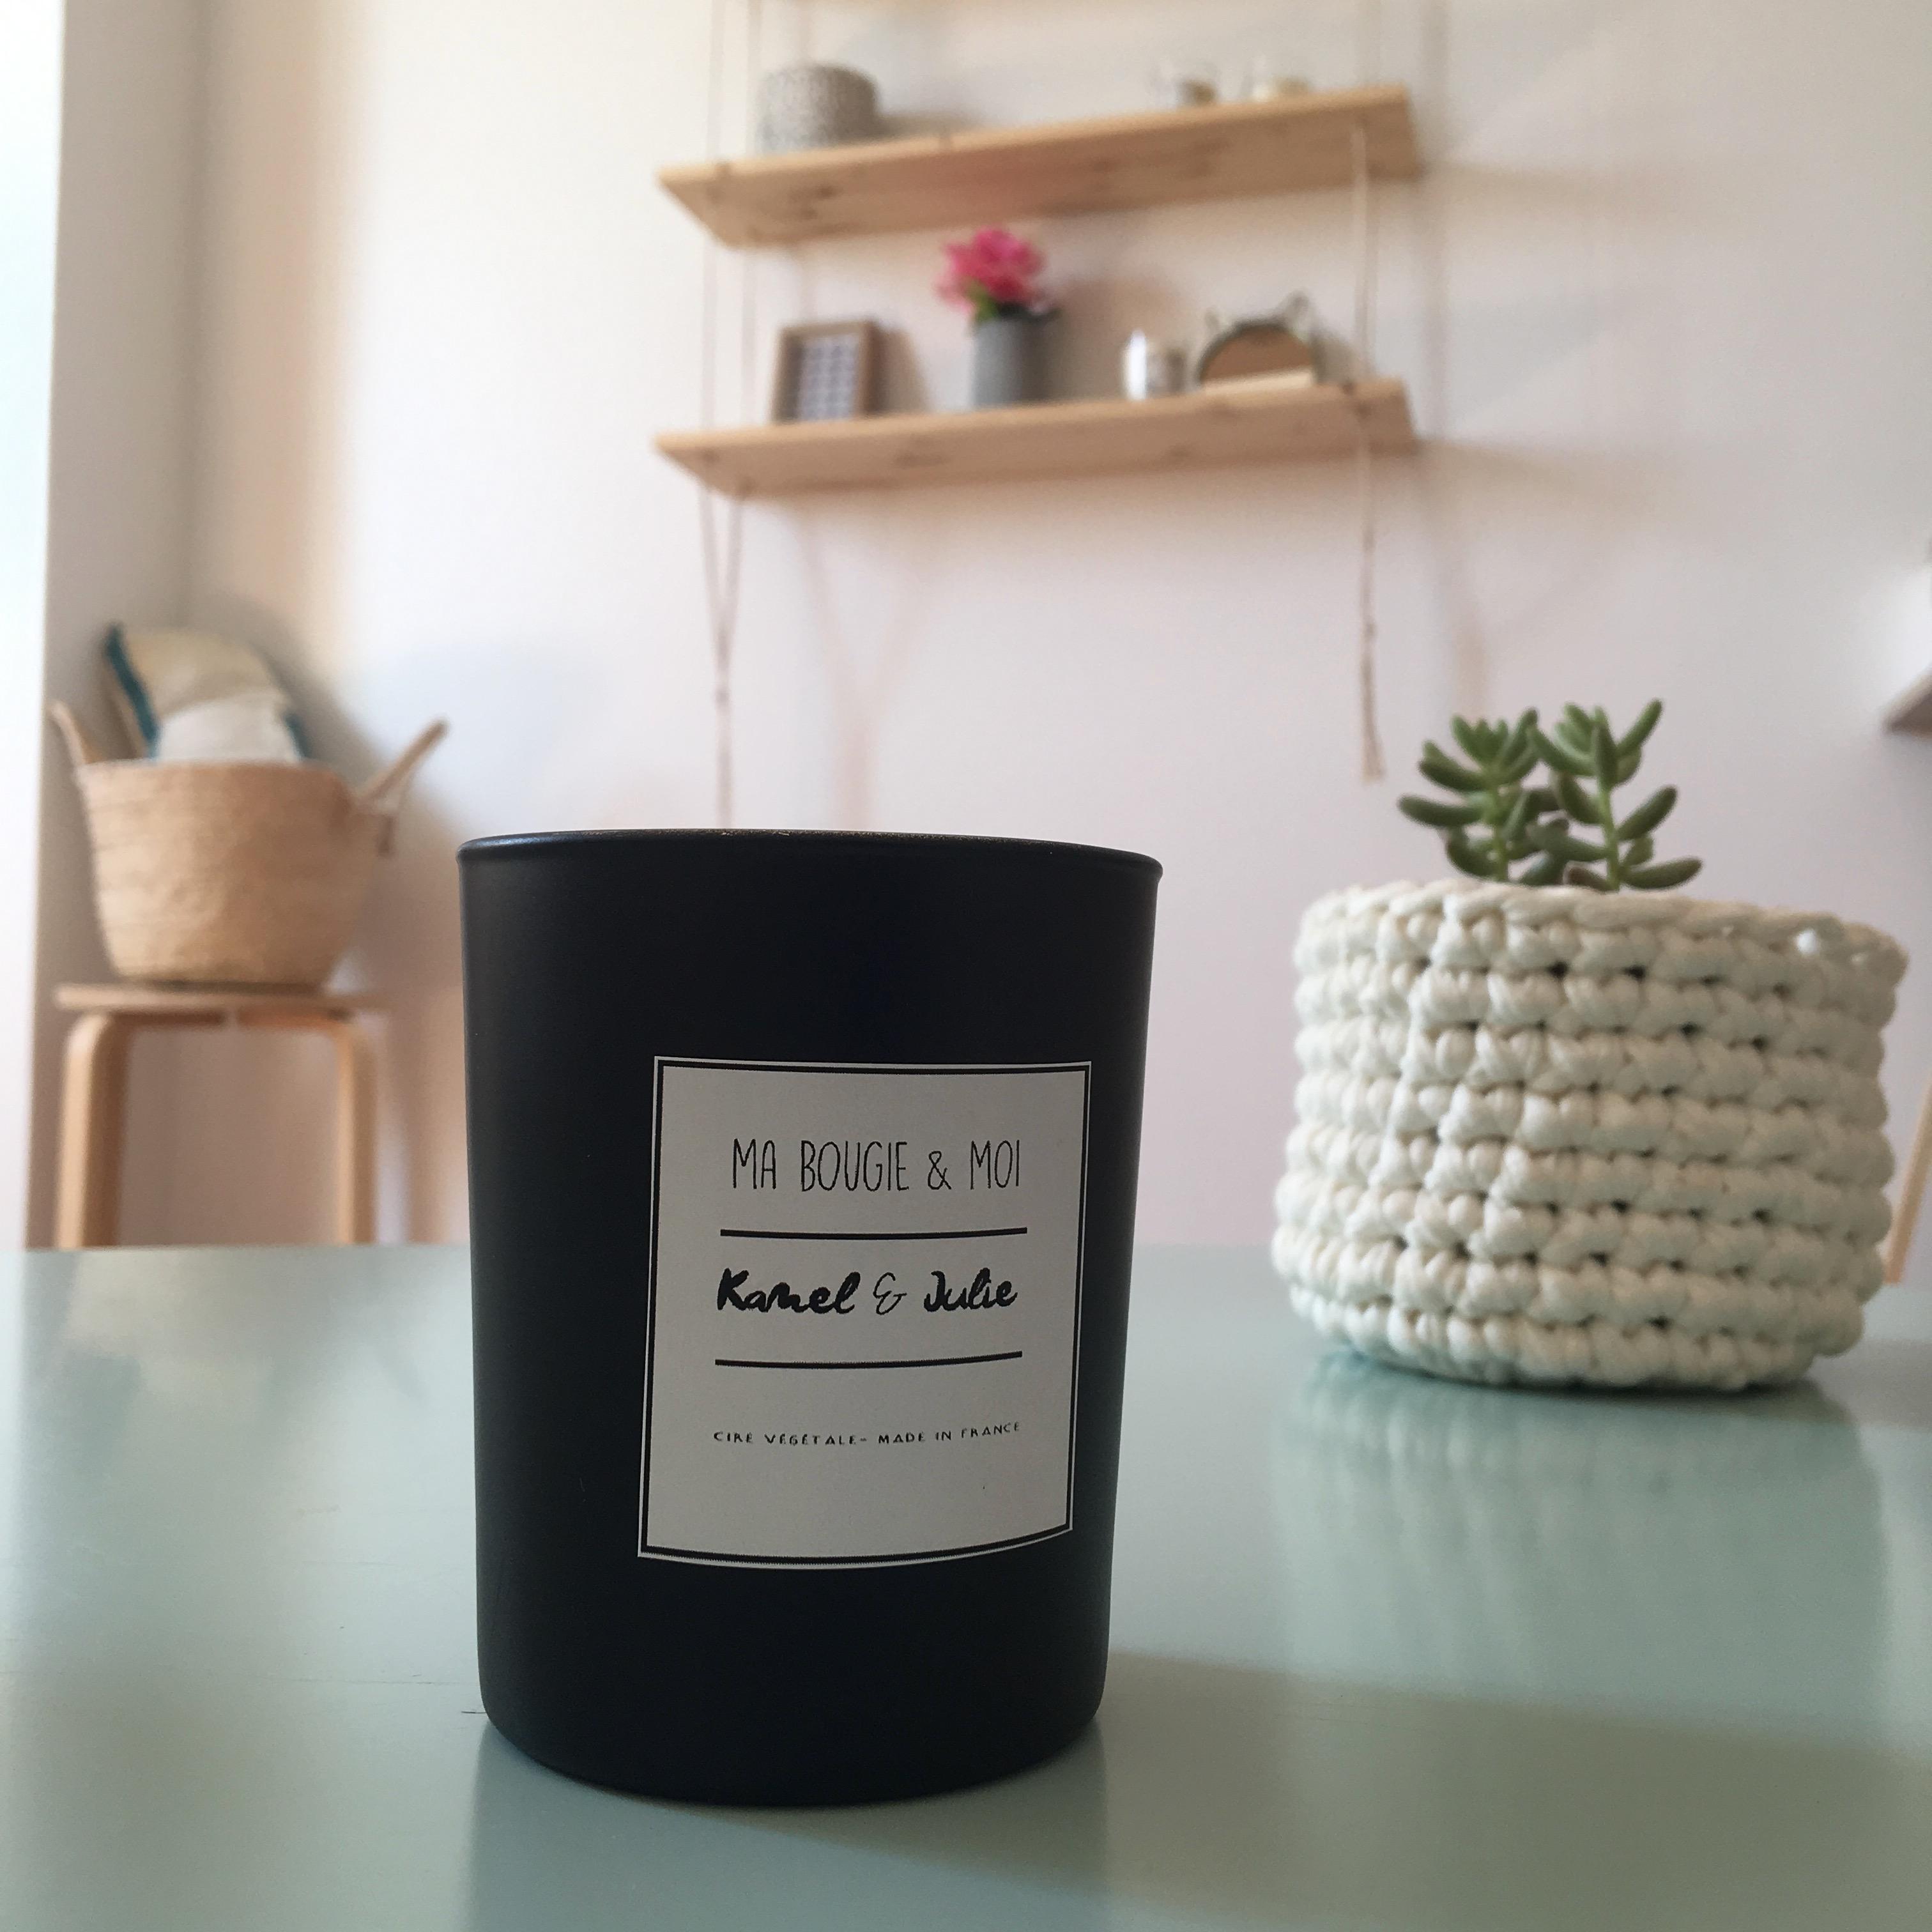 Bougie personnalisable noire linge frais made in france ma bougie et moi - Ma bougie et moi ...